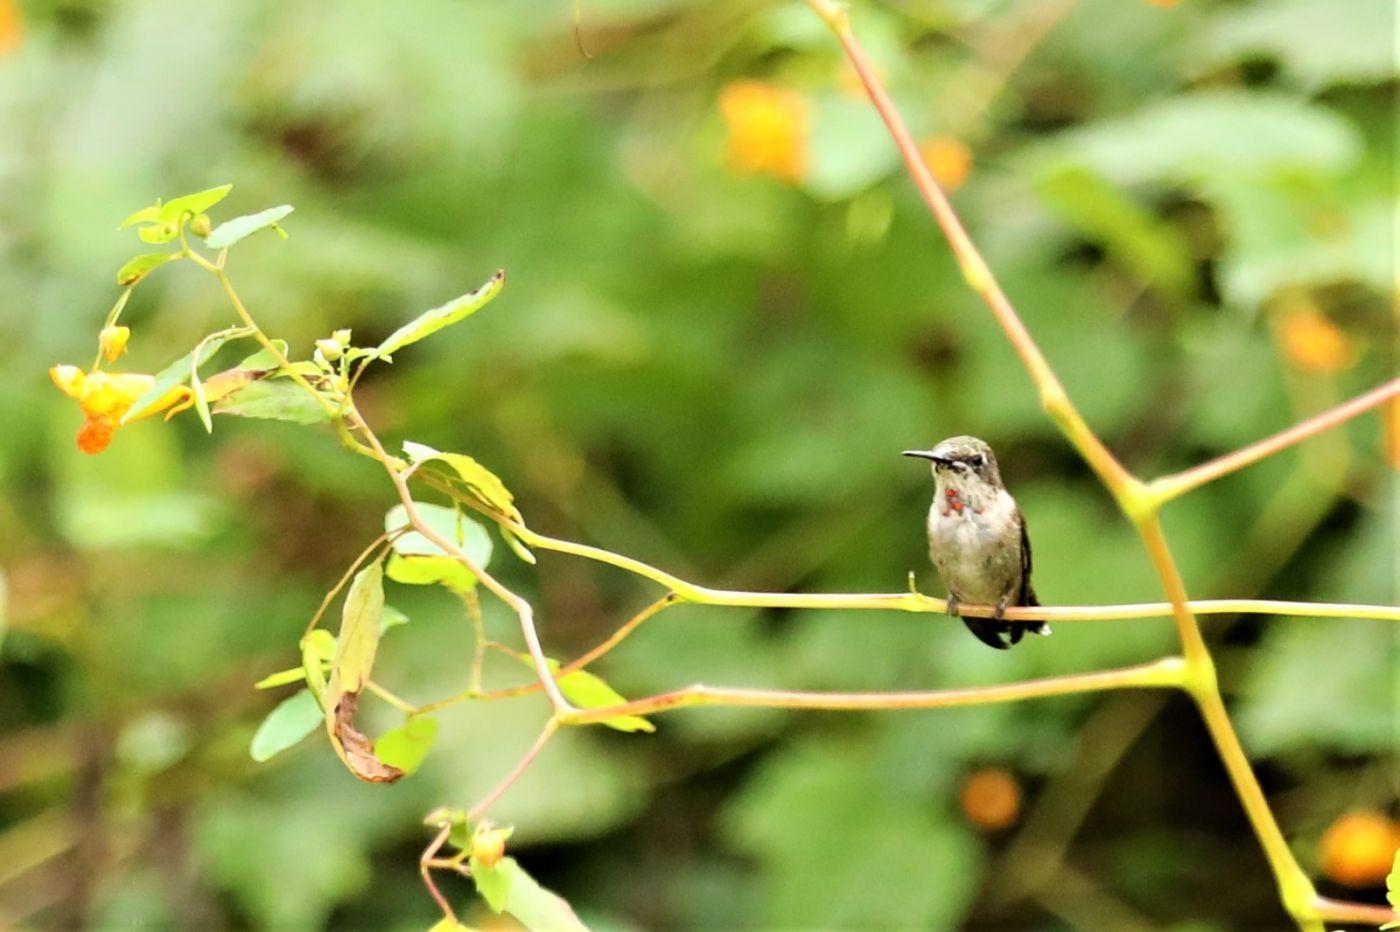 【爱摄影】追拍蜂鸟_图1-12